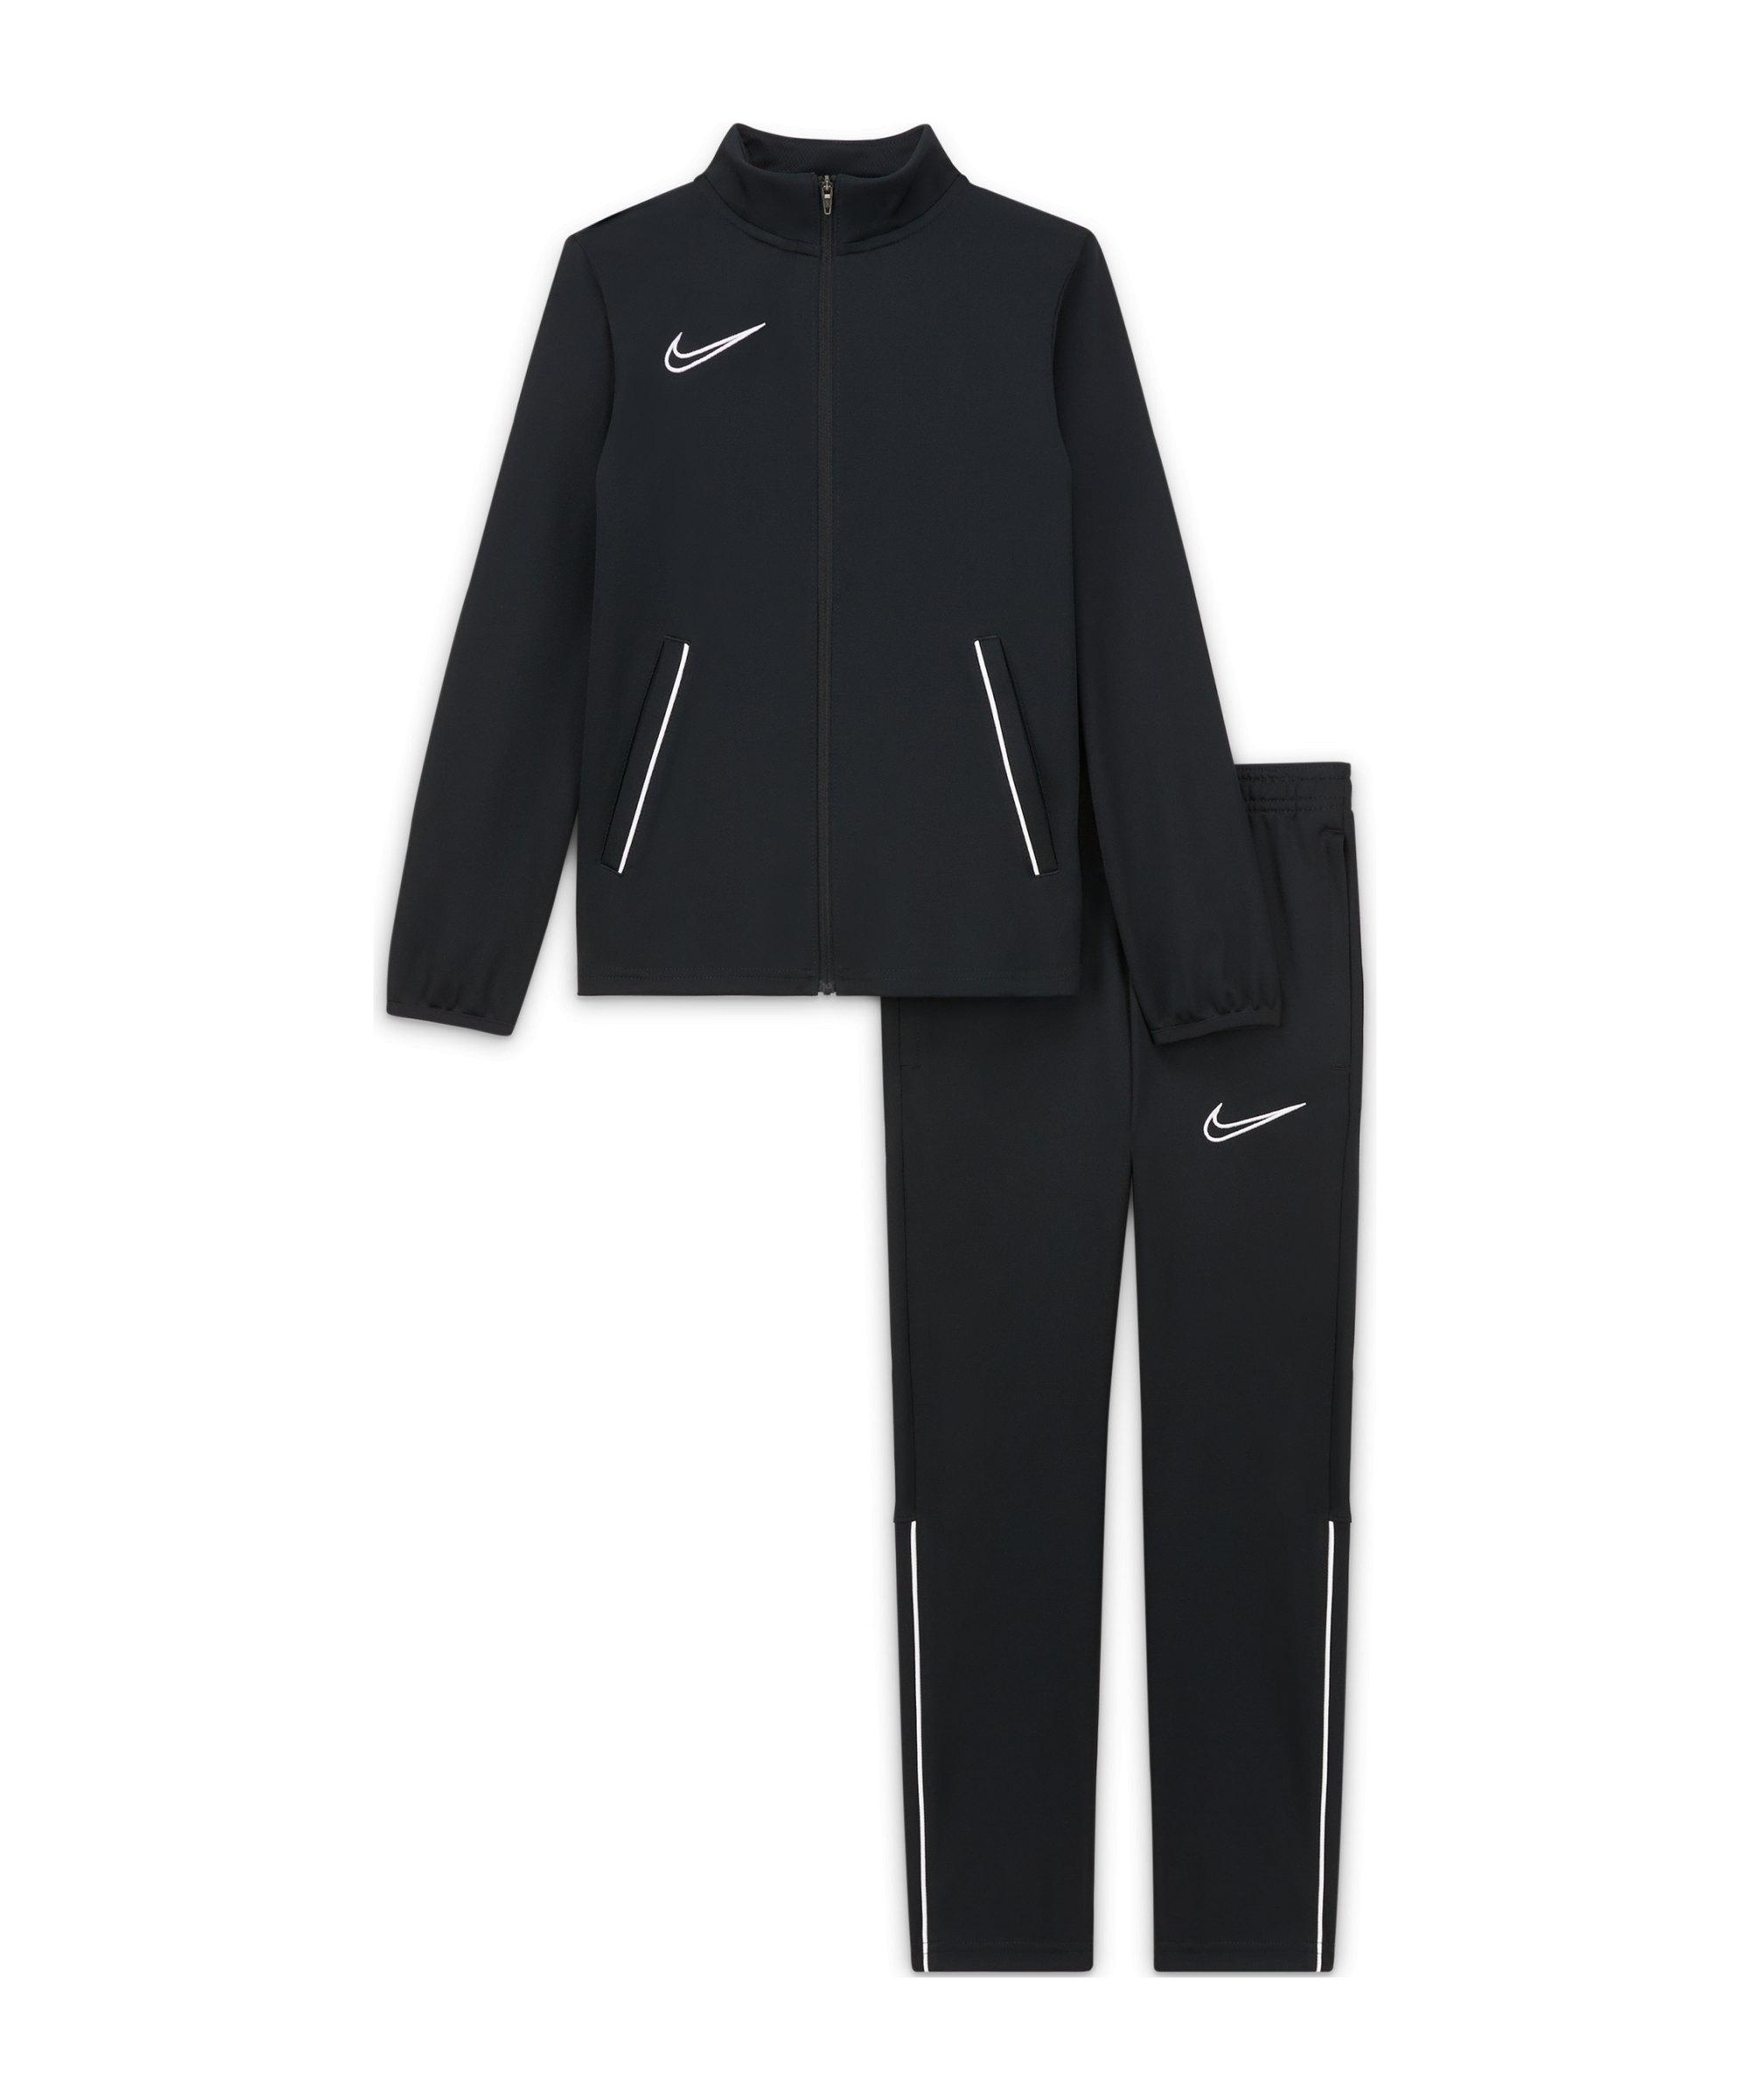 Nike Academy 21 Trainingsanzug Kids F010 - schwarz